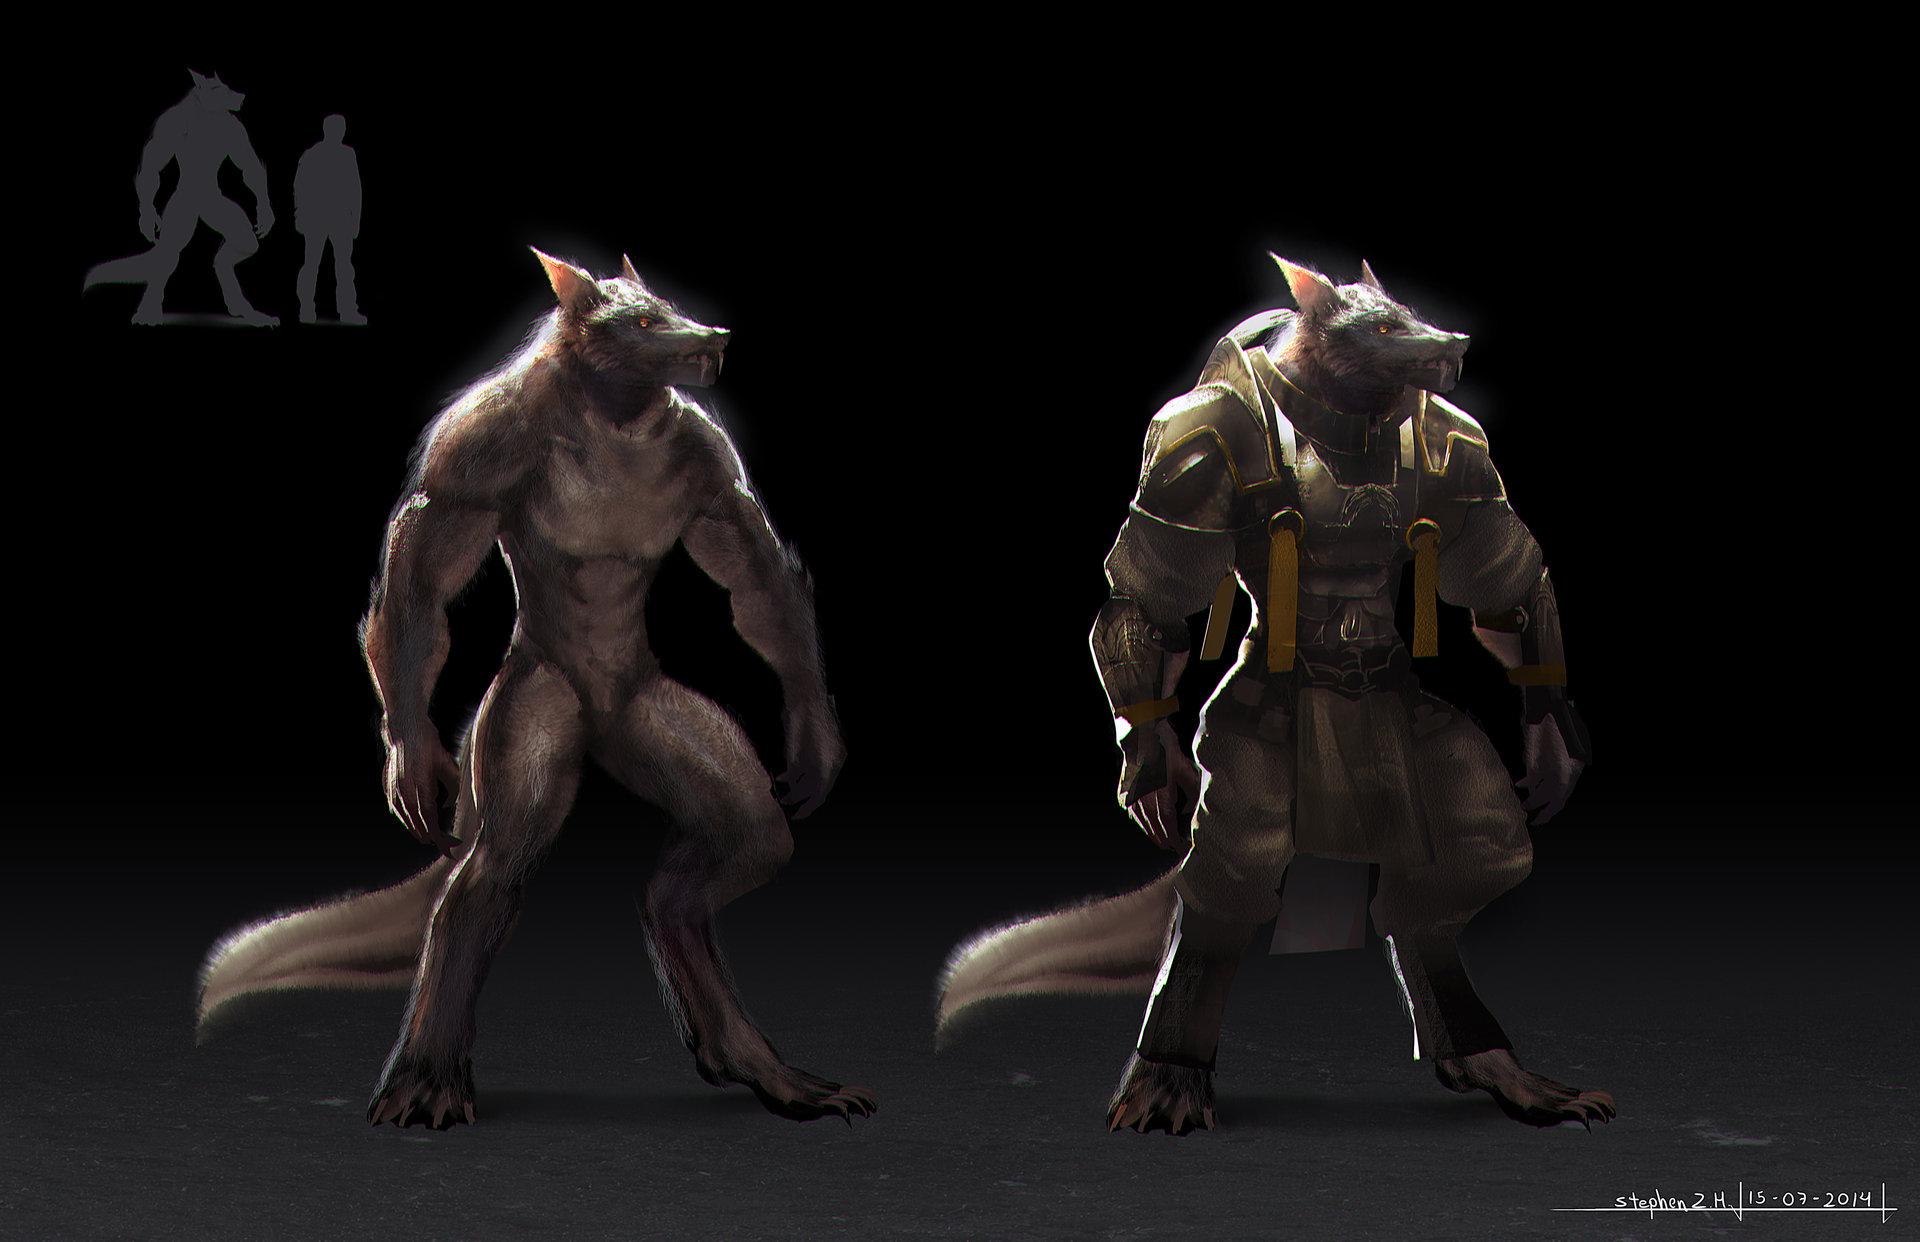 Stephen zavala werewolf 4 2